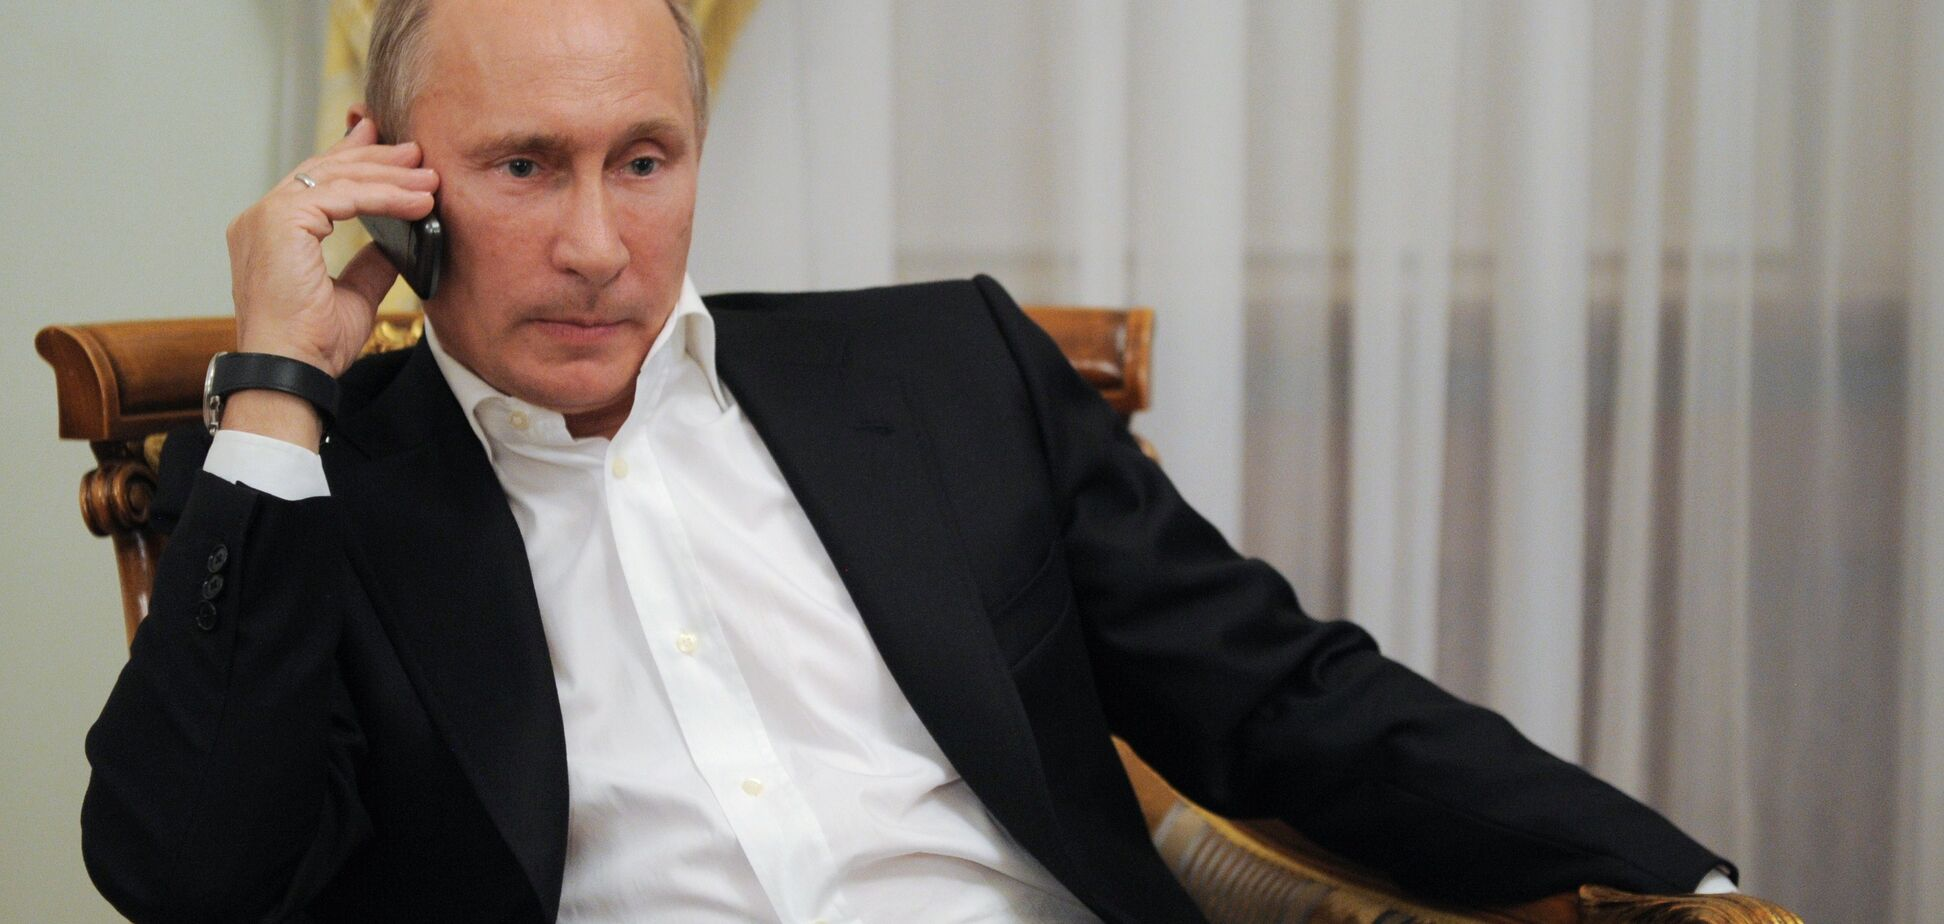 Кремль получил новый рычаг давления на Украину - Жданов